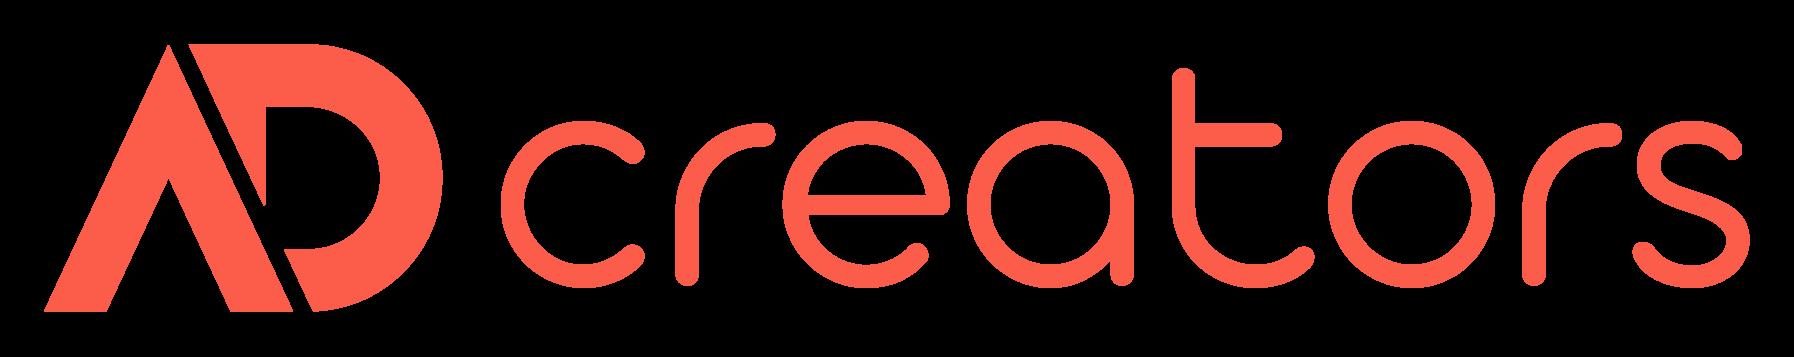 AdCreators logo i orange